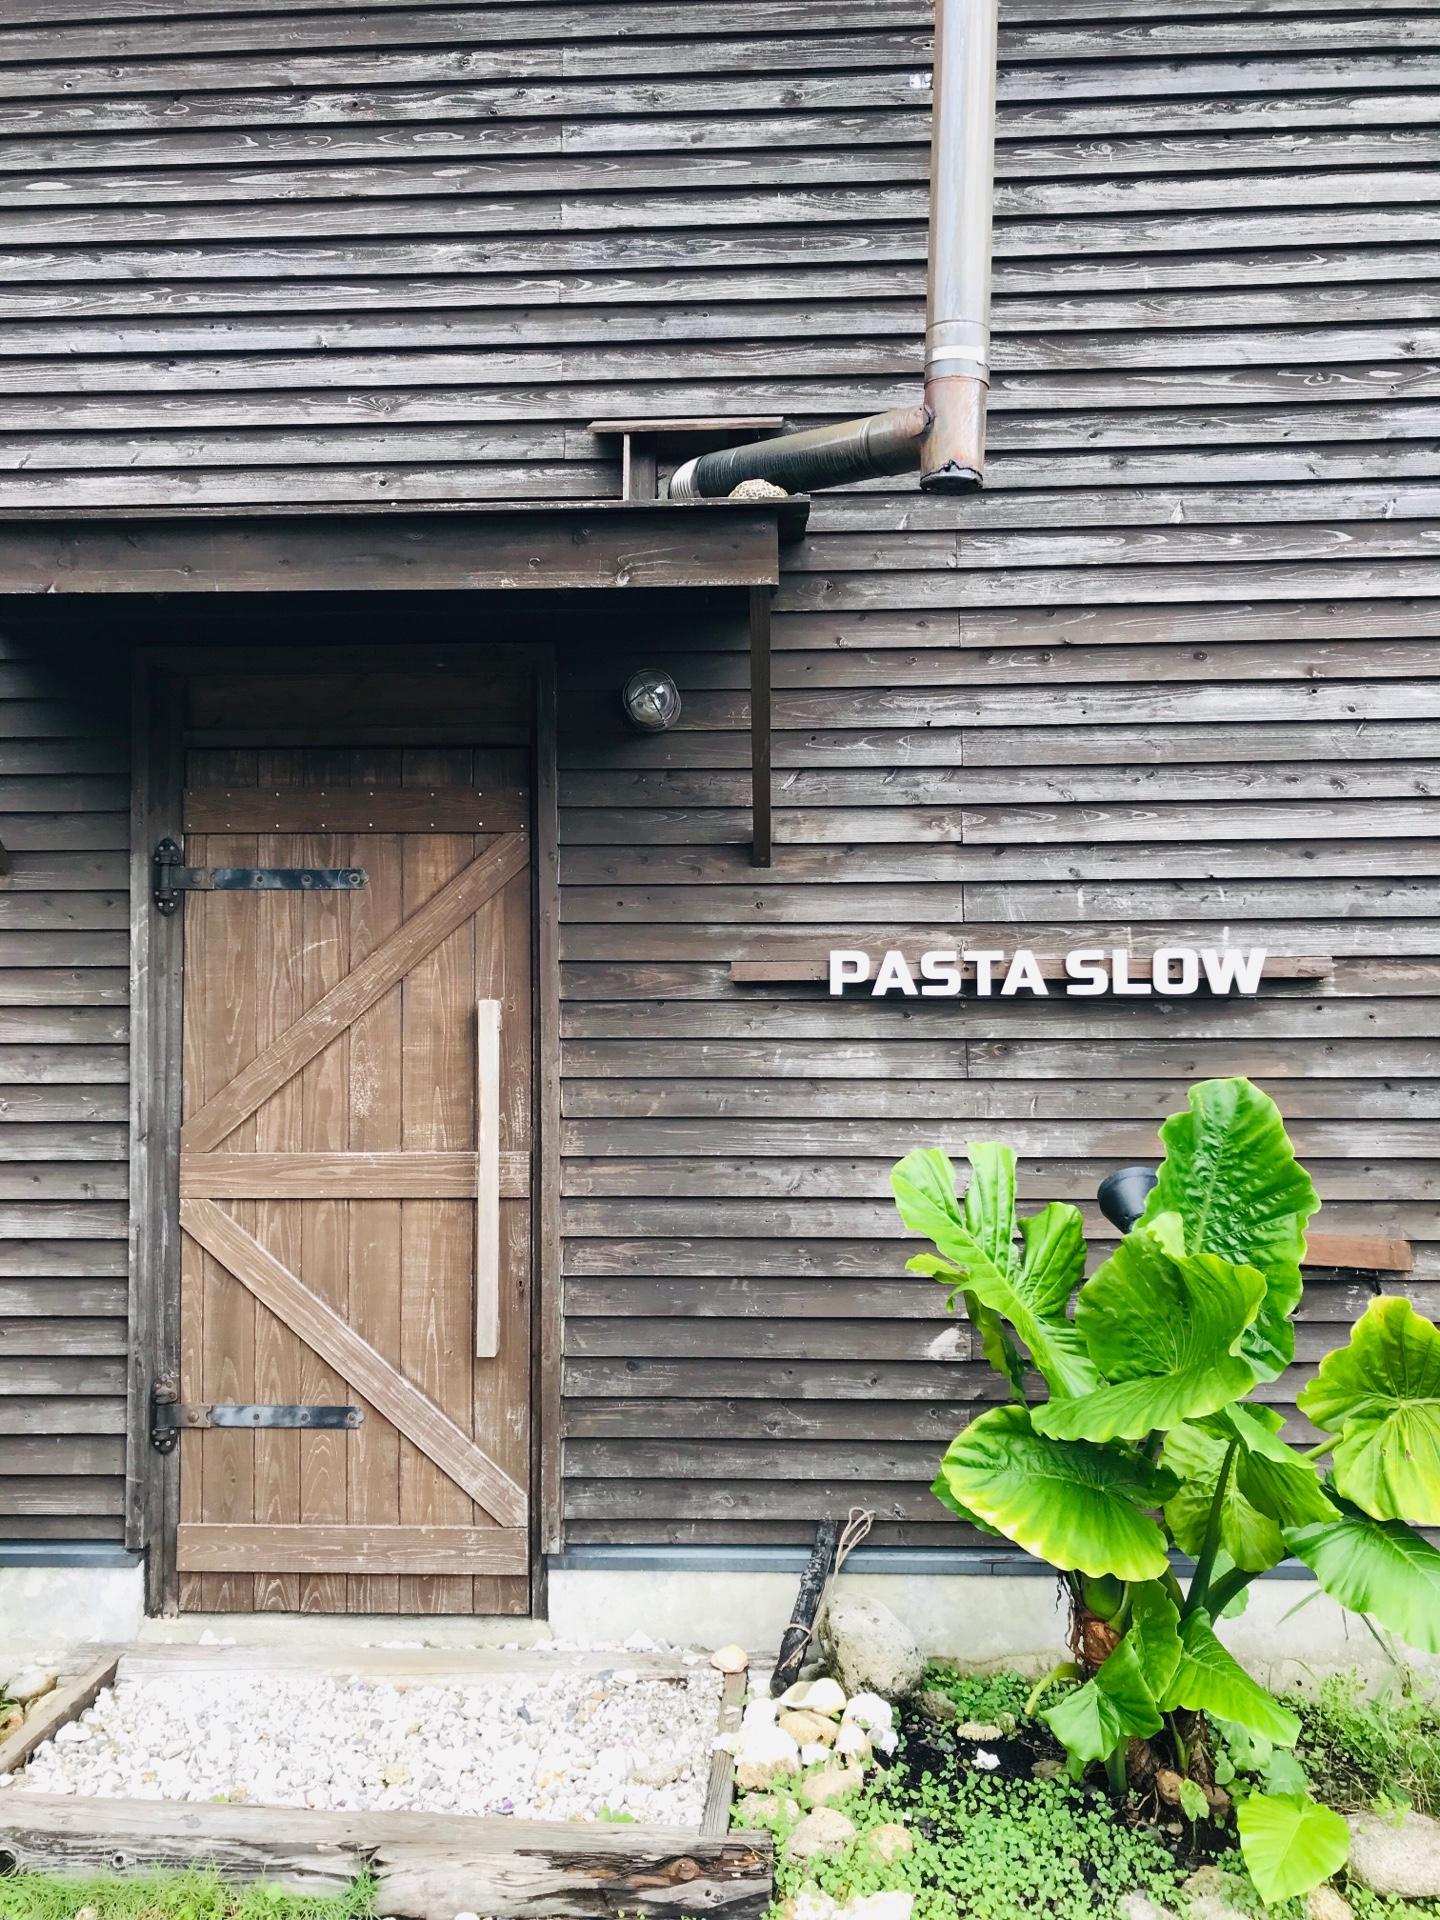 PASTA SLOW